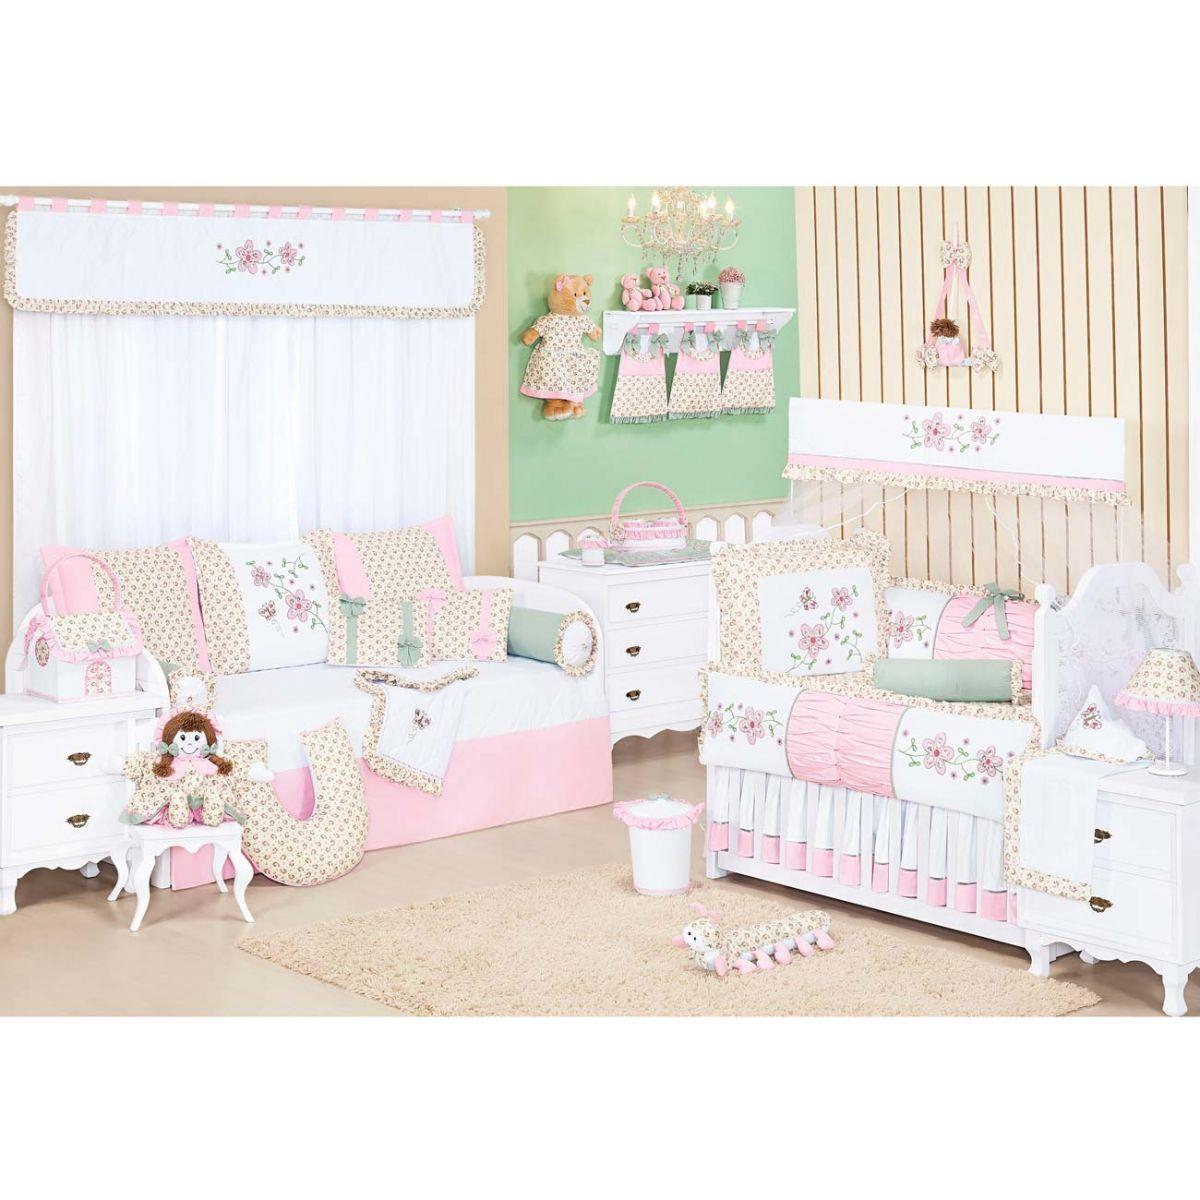 Kit Berço 09 Peças Coleção Baby Florence 100% Algodão - Rosa